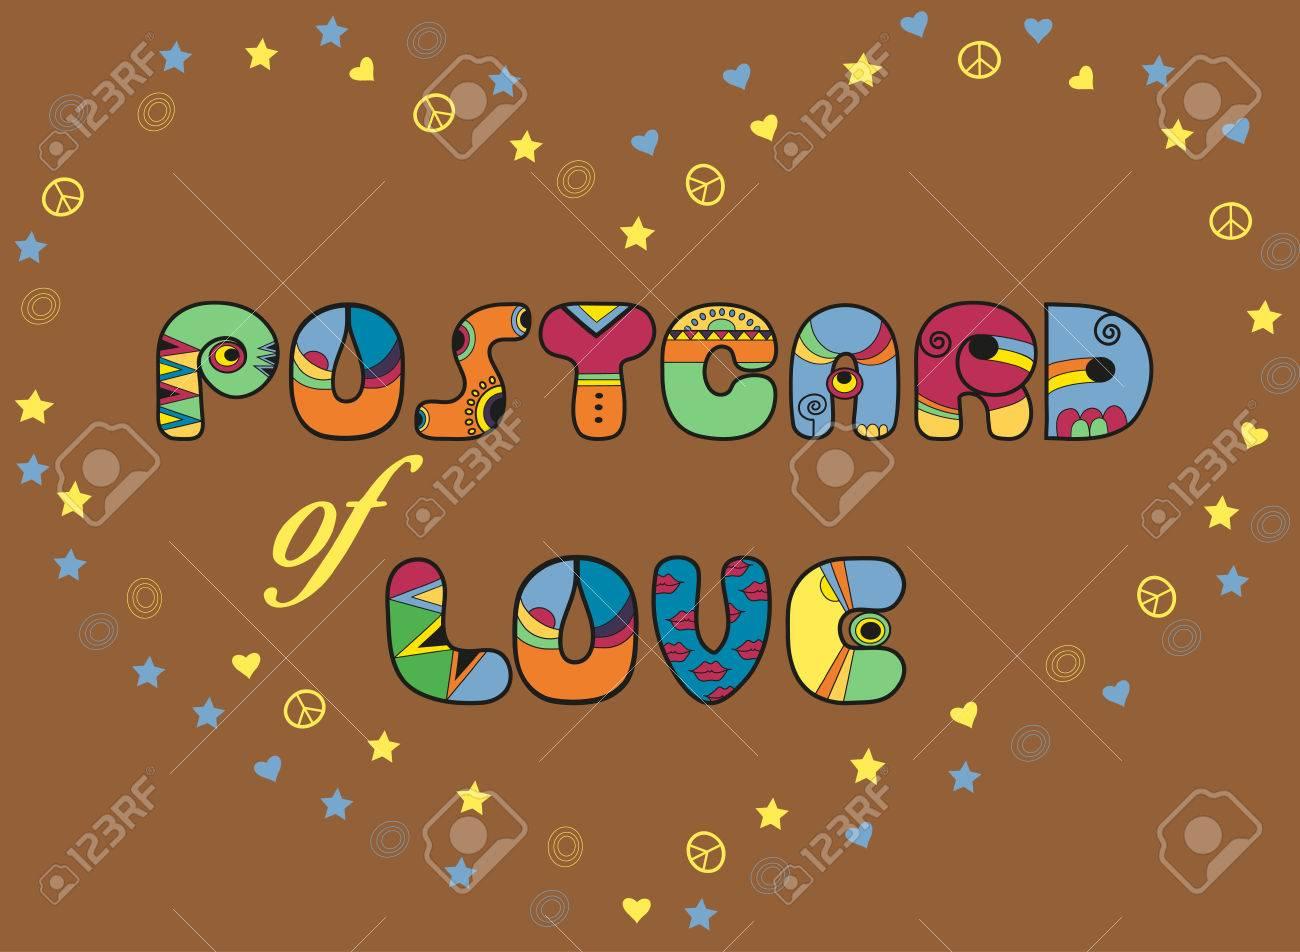 Inscription Carte Postale De L Amour Police Artistique Lettres De Couleur C Ur Par Symboles D étoiles De C Urs Et De Pacifiques Illustration